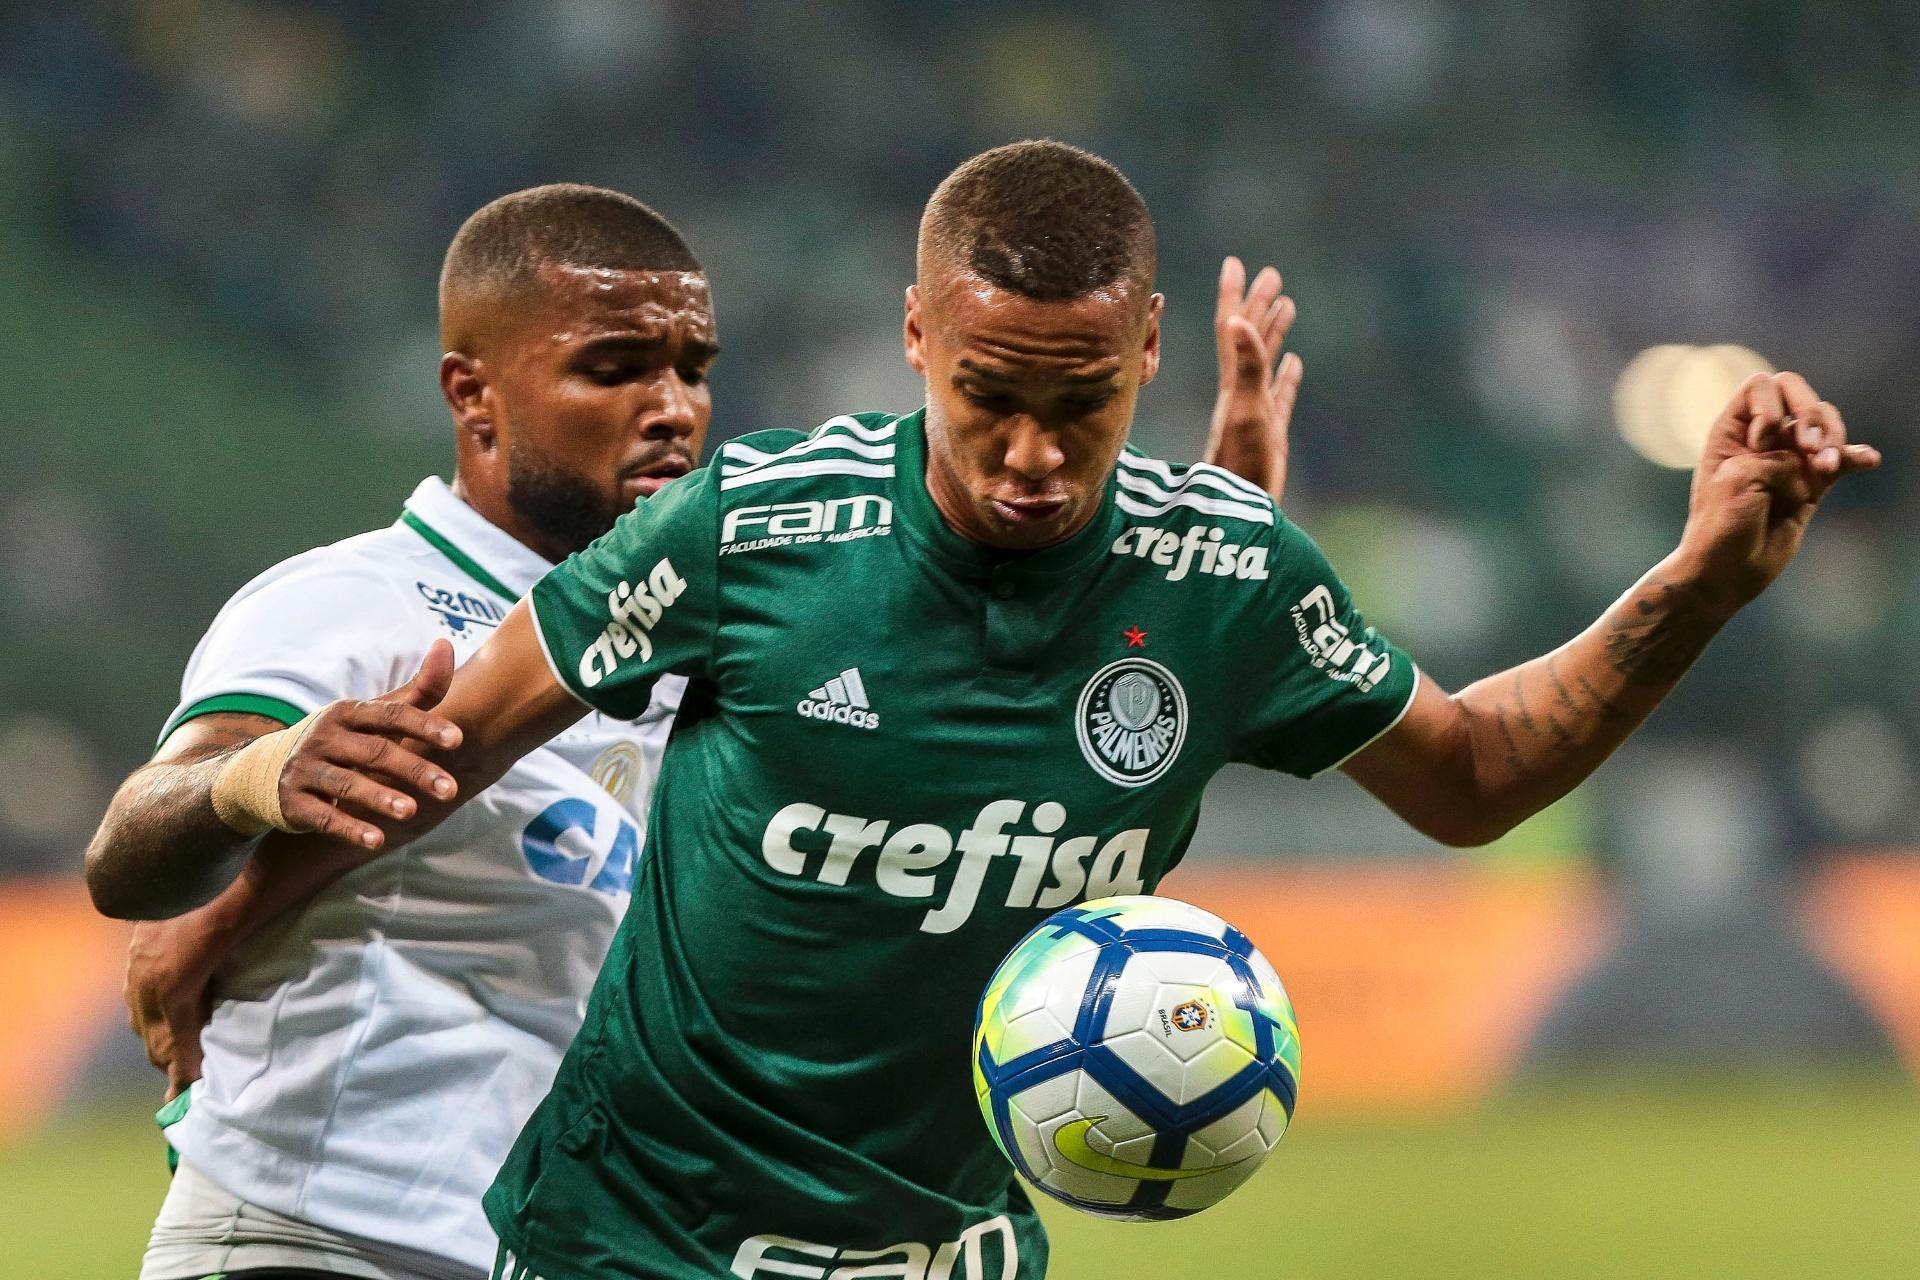 7e4b0c39f3 Deyverson vai mal e faz torcida festejar saída como gol  clube pede apoio -  24 05 2018 - UOL Esporte